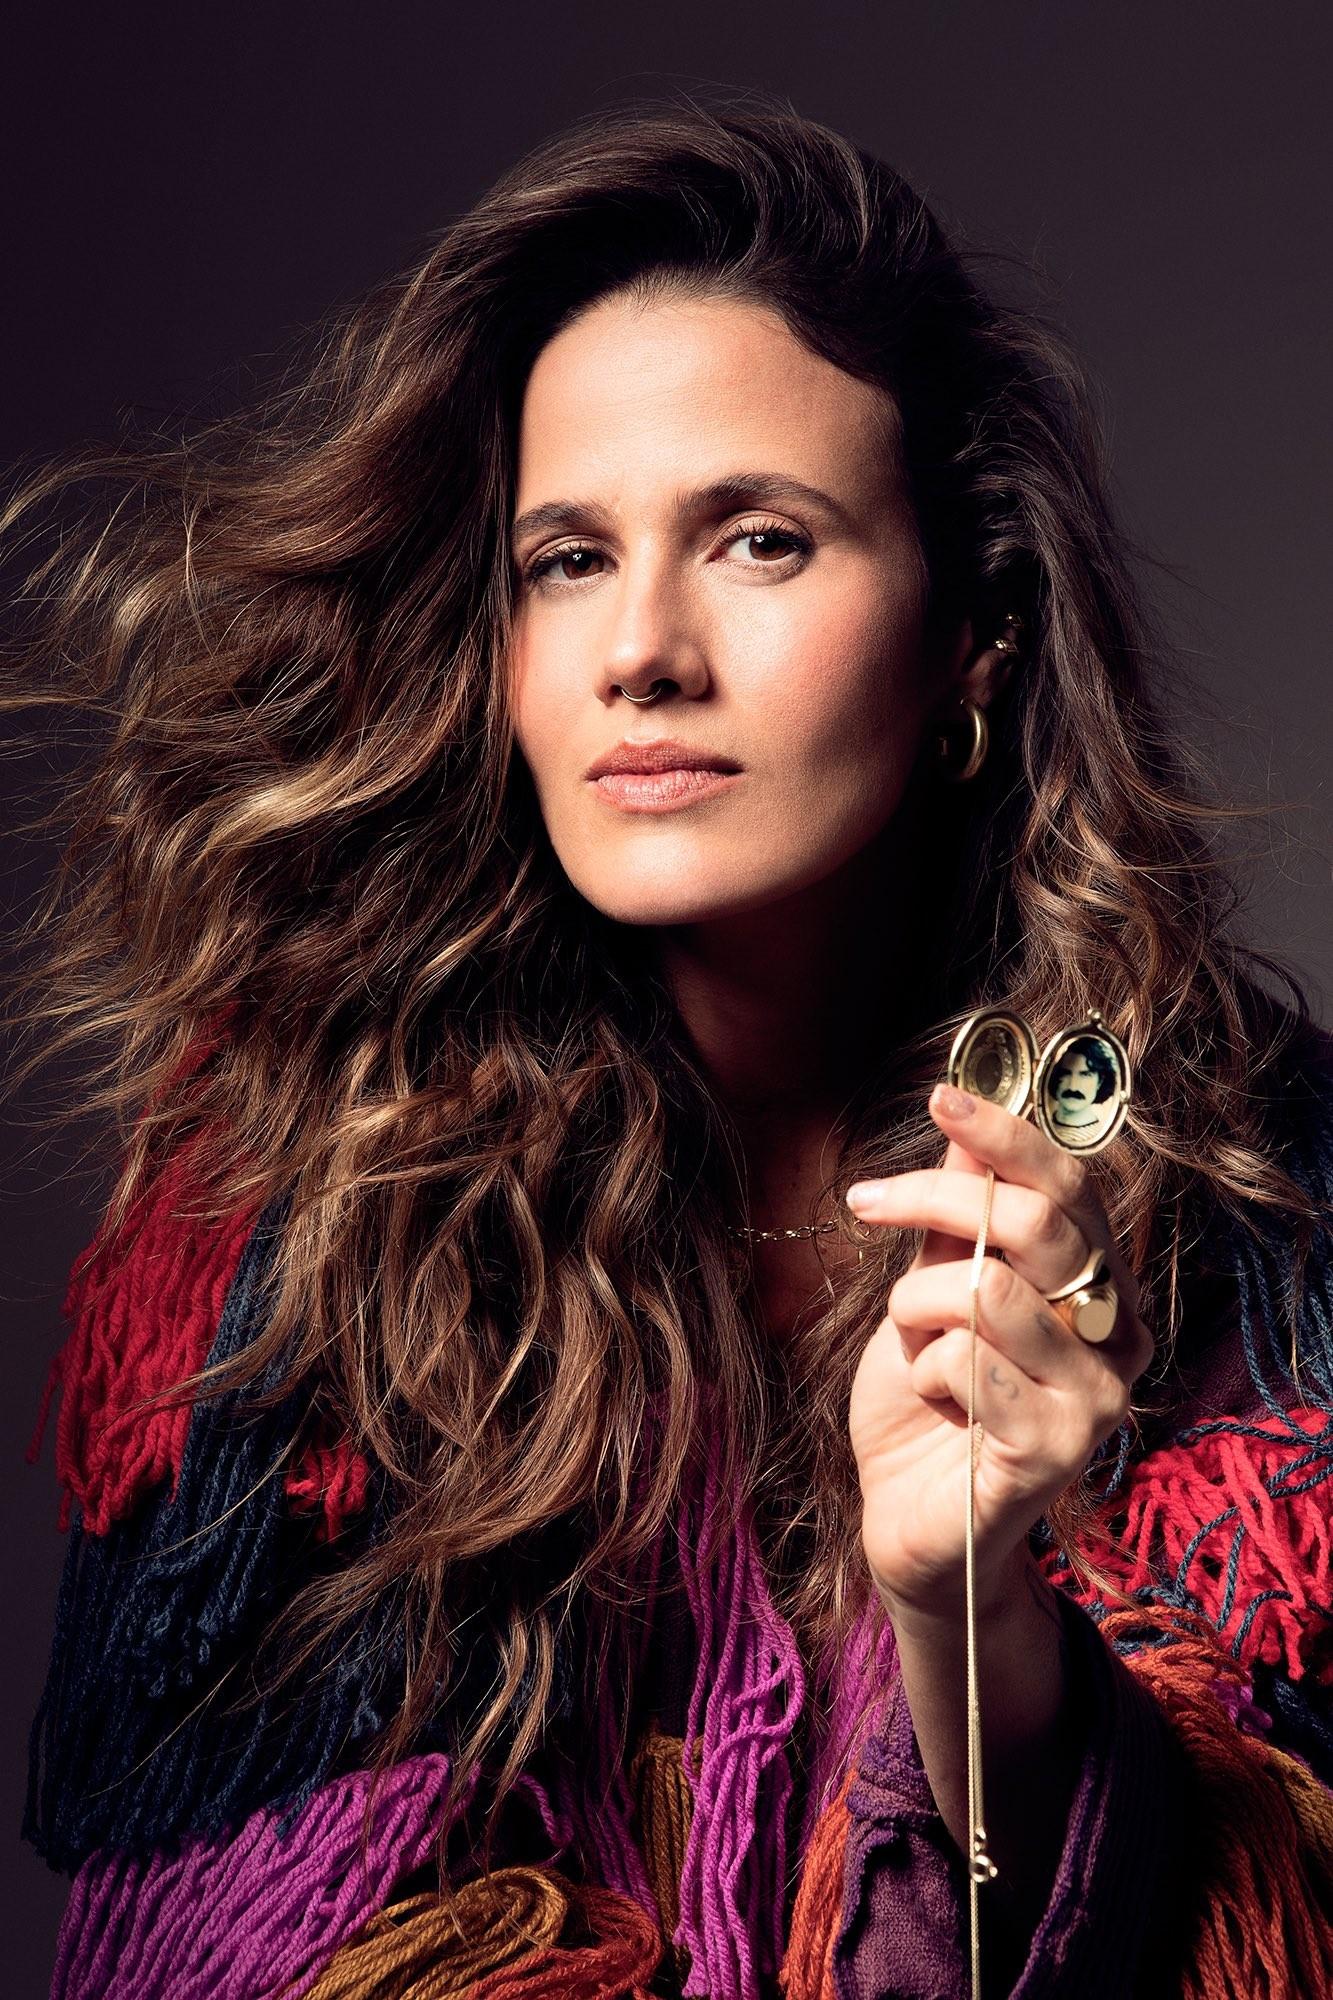 Ana Cañas poda excessos ao cantar Belchior sem firulas em álbum com as melhores músicas do compositor